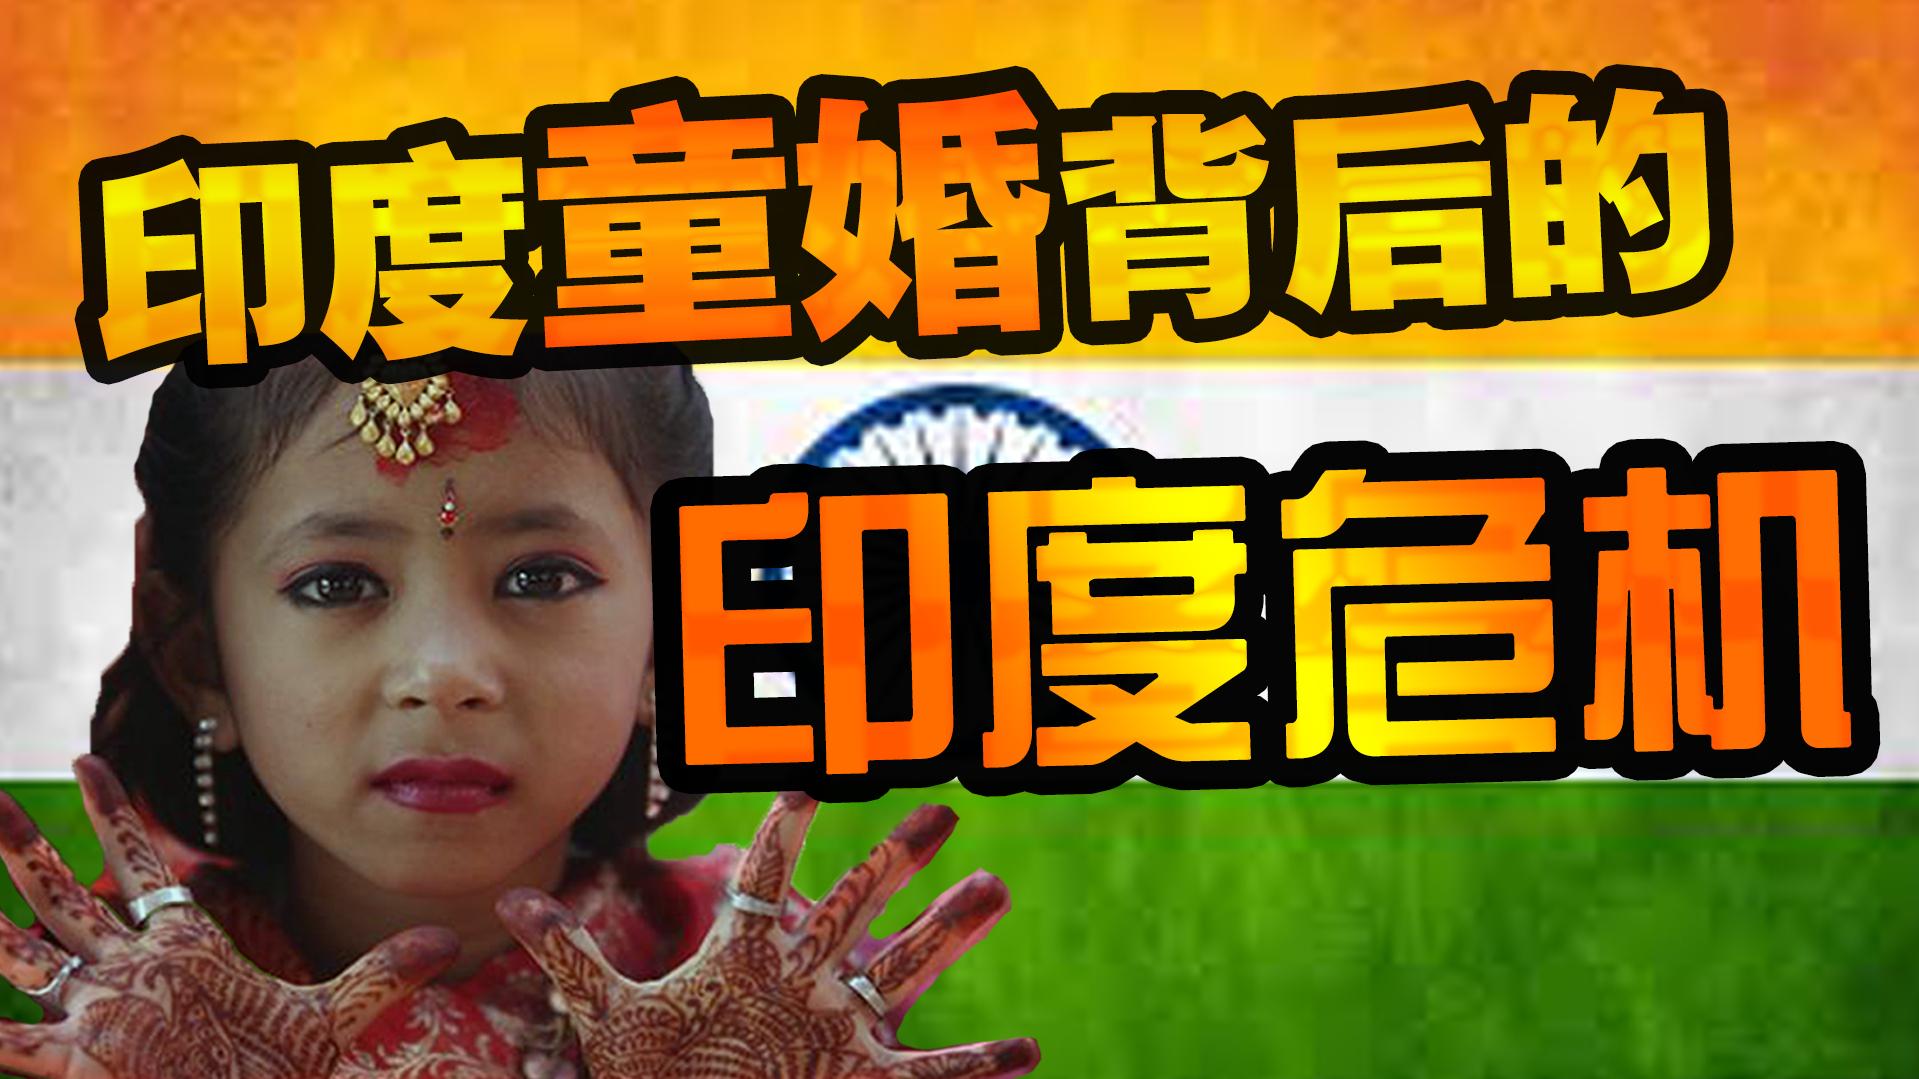 印度童婚背后折射出的印度危机【独树一帜50】